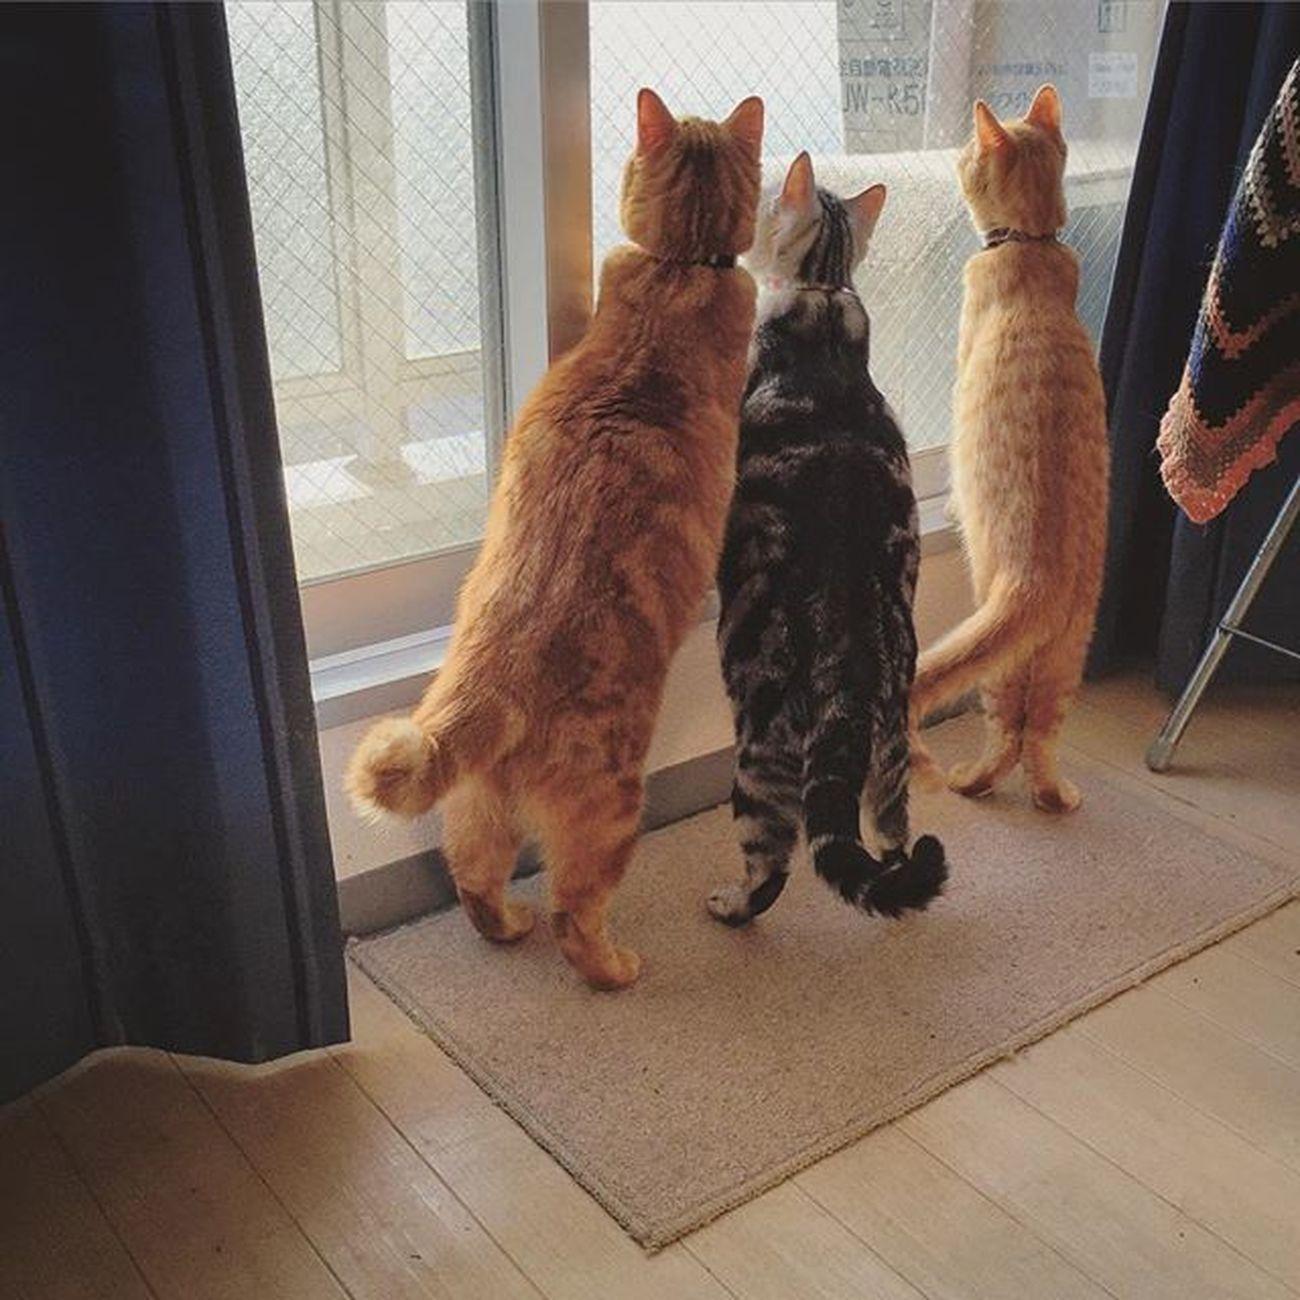 スコティッシュフォールド Scottishfold 茶トラ ロロ Lolo コケティッシュフォールド コケティッシュホールド Cat Neko ねこ 猫 ねこ Cats アメリカンショートヘアー アメショ Americanshorthair ズズ ズズ子 Zuzu ズズっぺ シルバータビー ピオ Piopio Pio 外のでかいハエに総立ちな朝の3ニャンですよ…😆😸💦